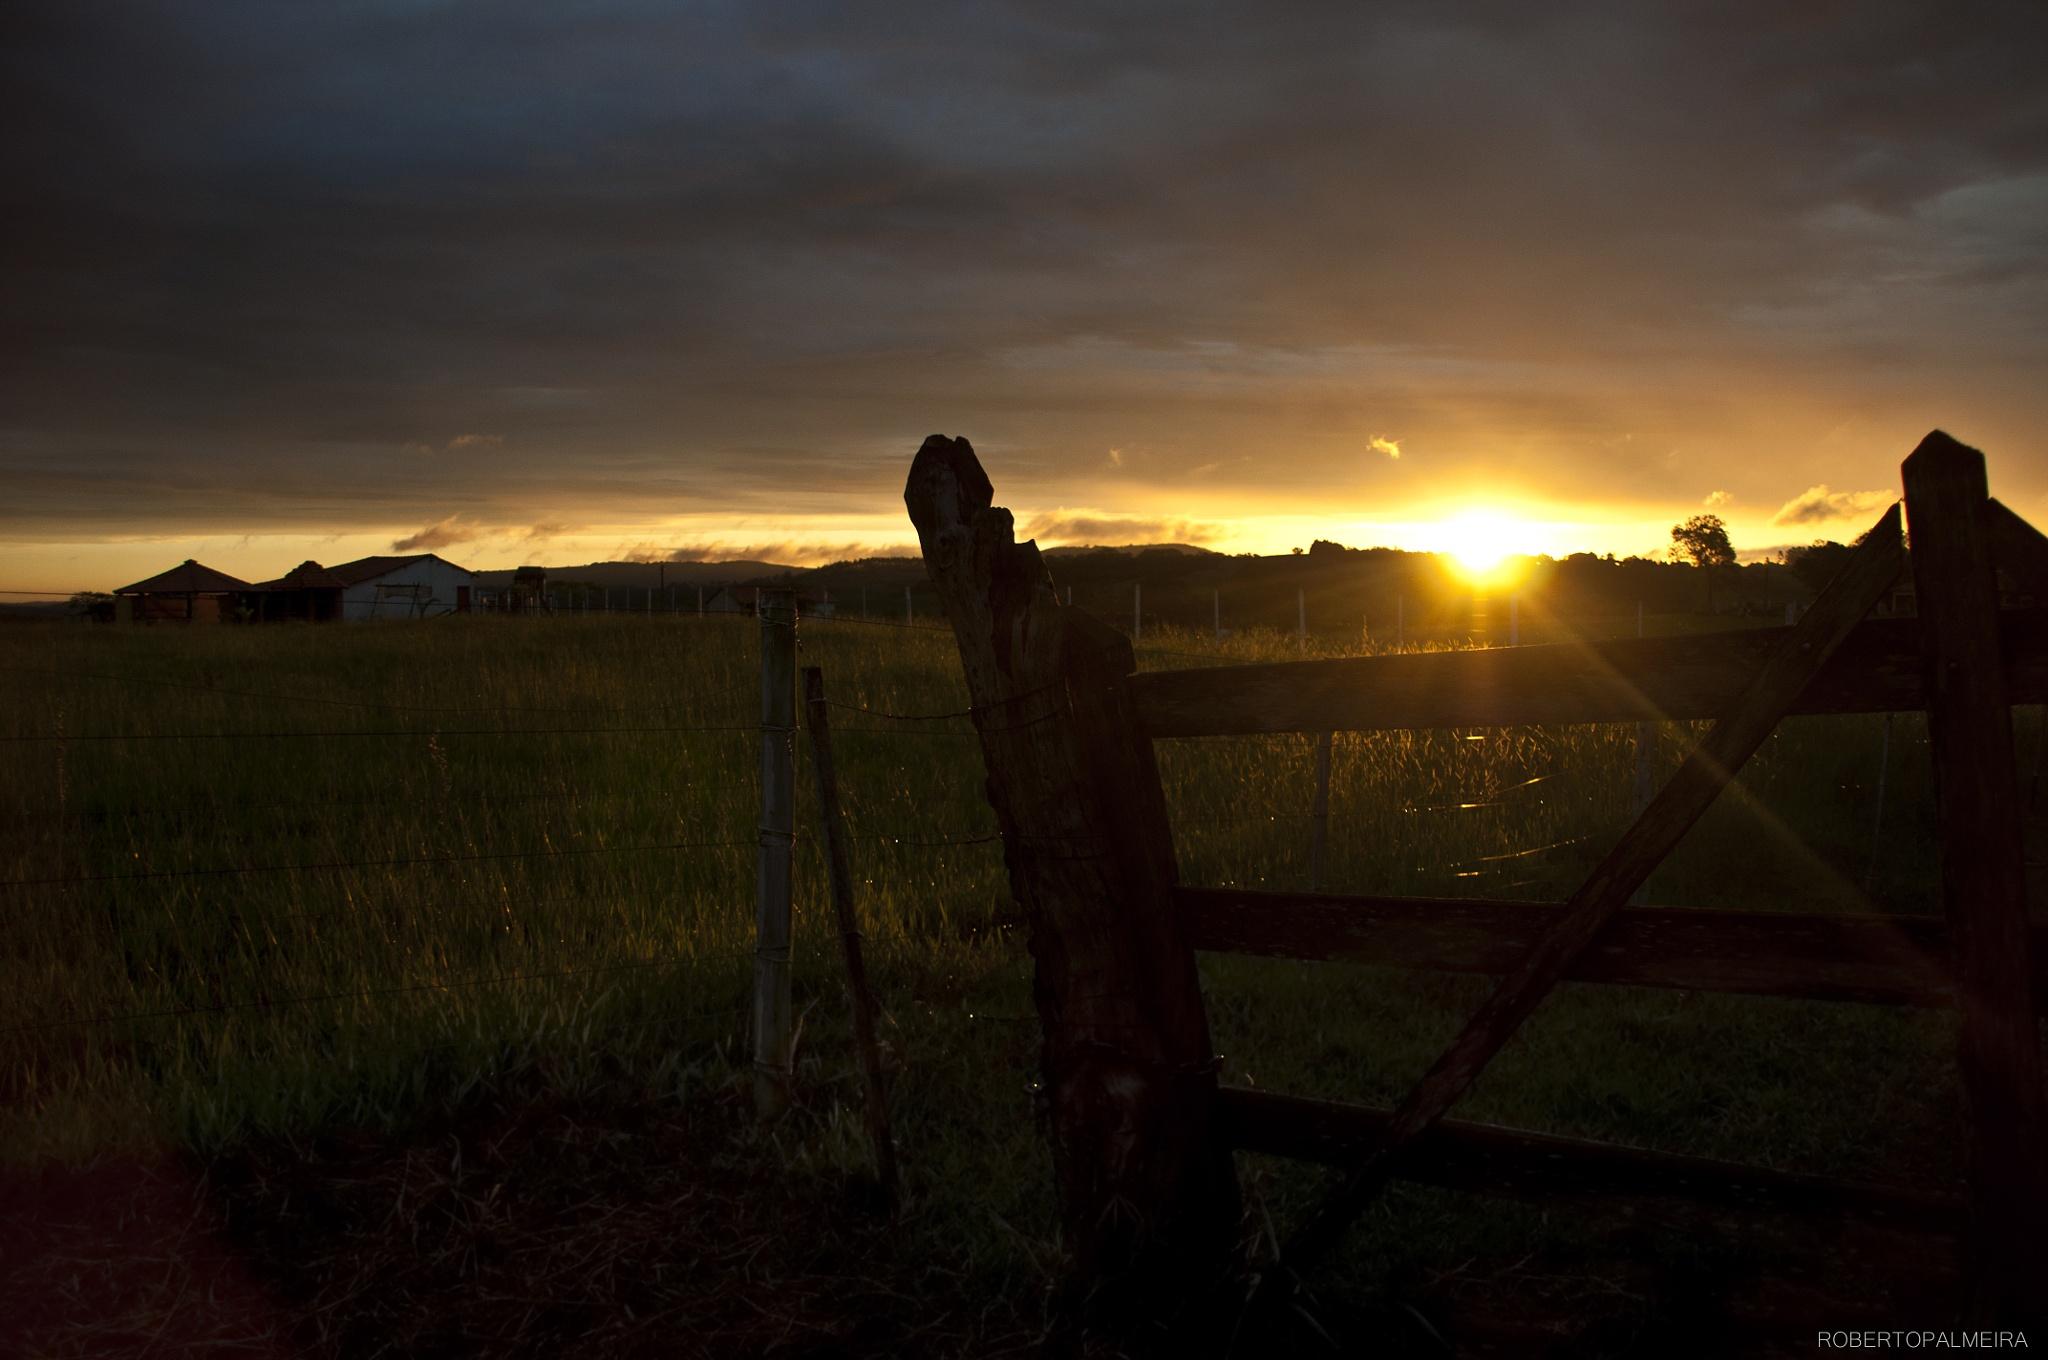 Rural by Palmeira